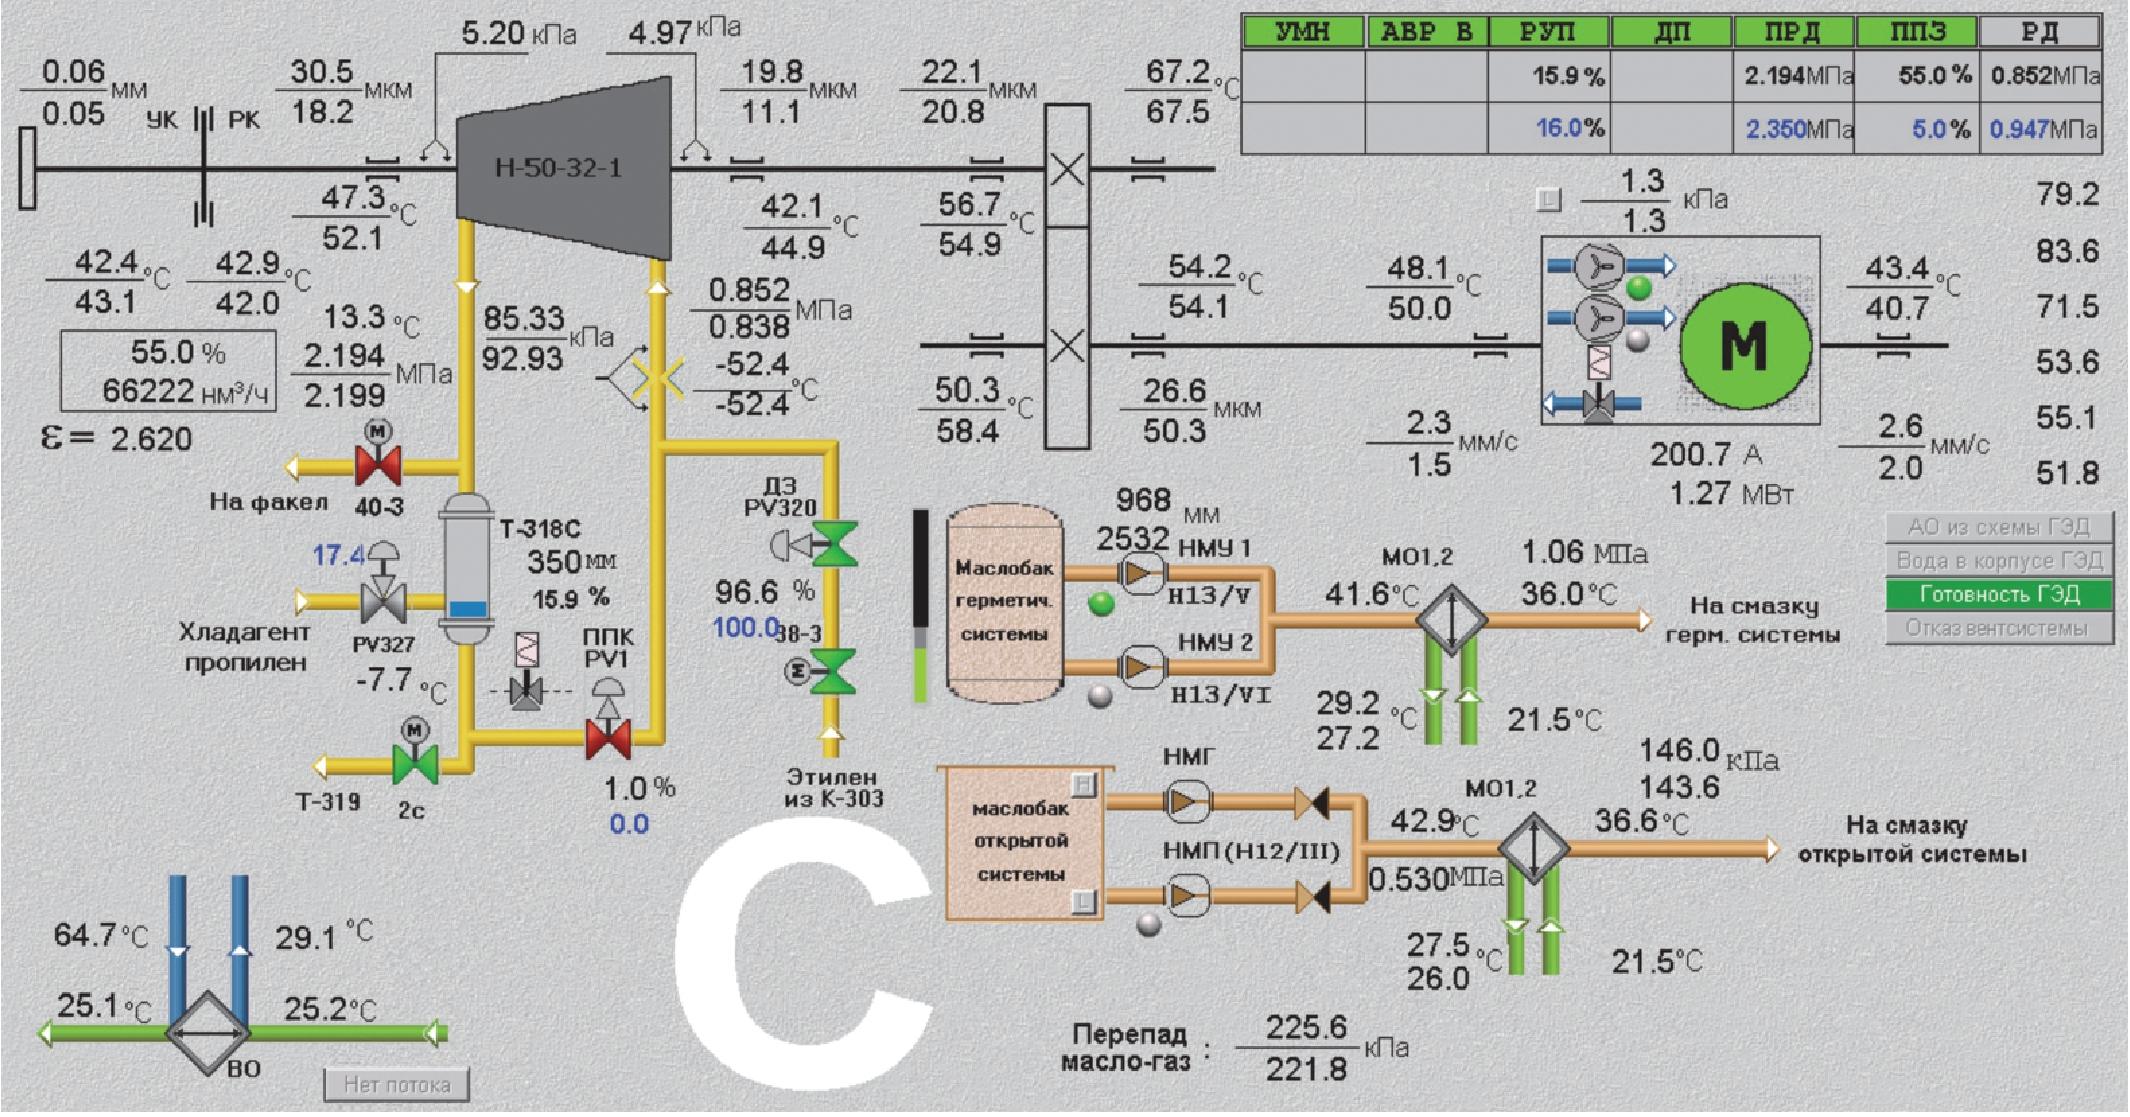 Рис. 1. Принципиальная схема турбоагрегата